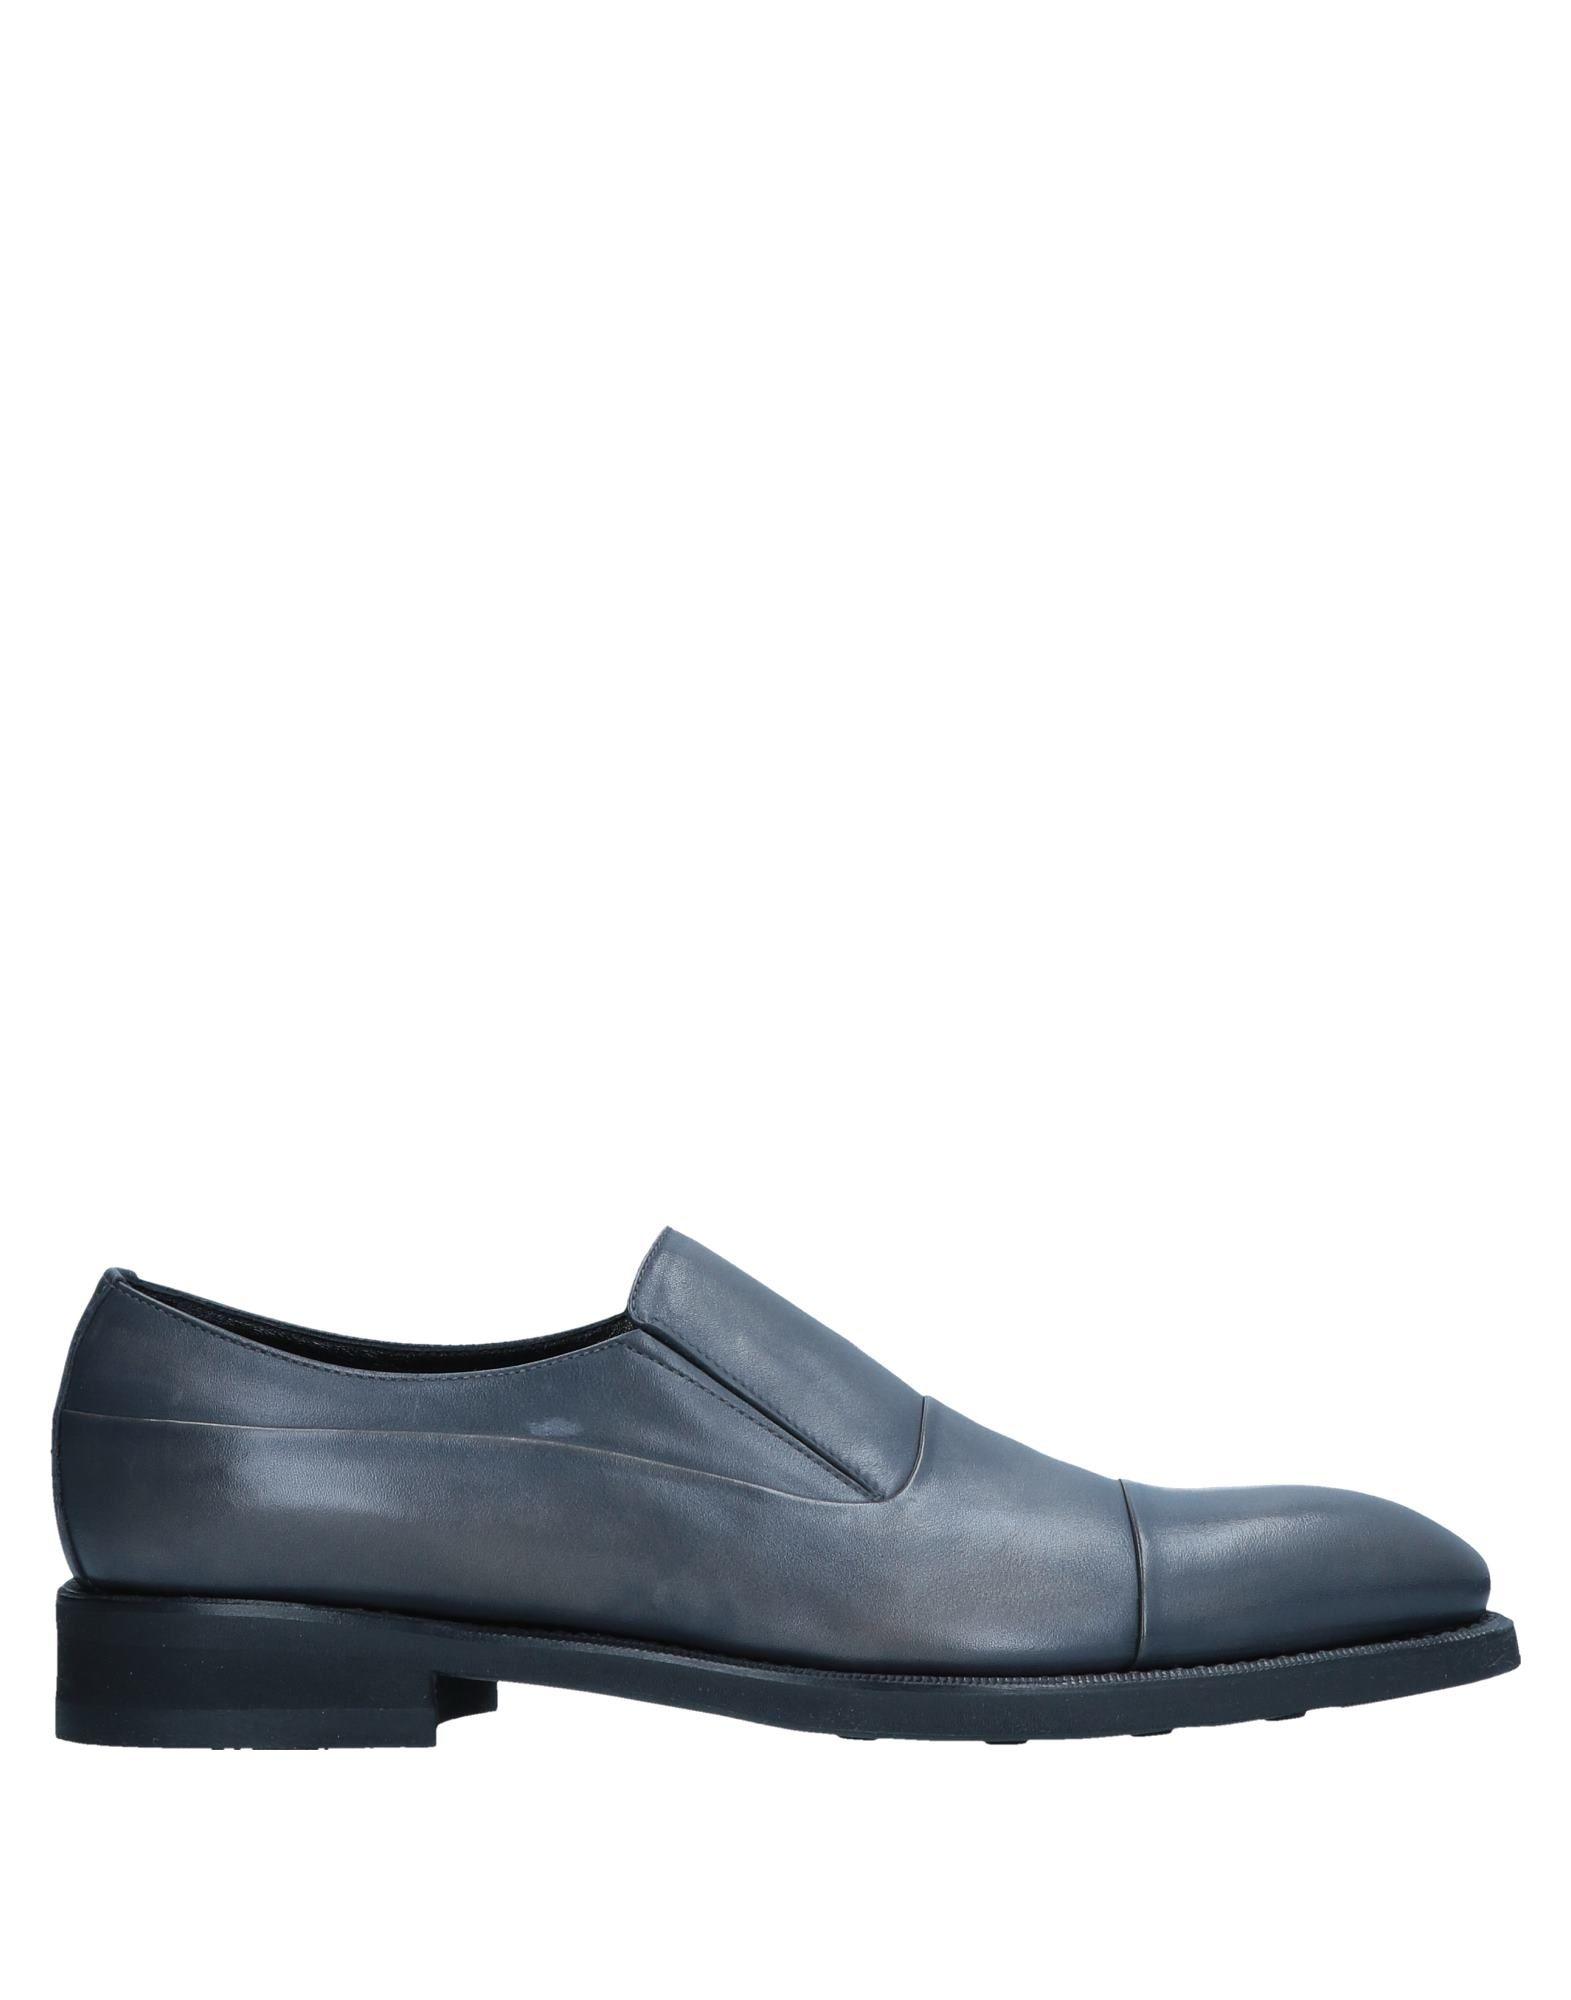 Barrett Mokassins Herren  Schuhe 11319365RV Gute Qualität beliebte Schuhe  393b02